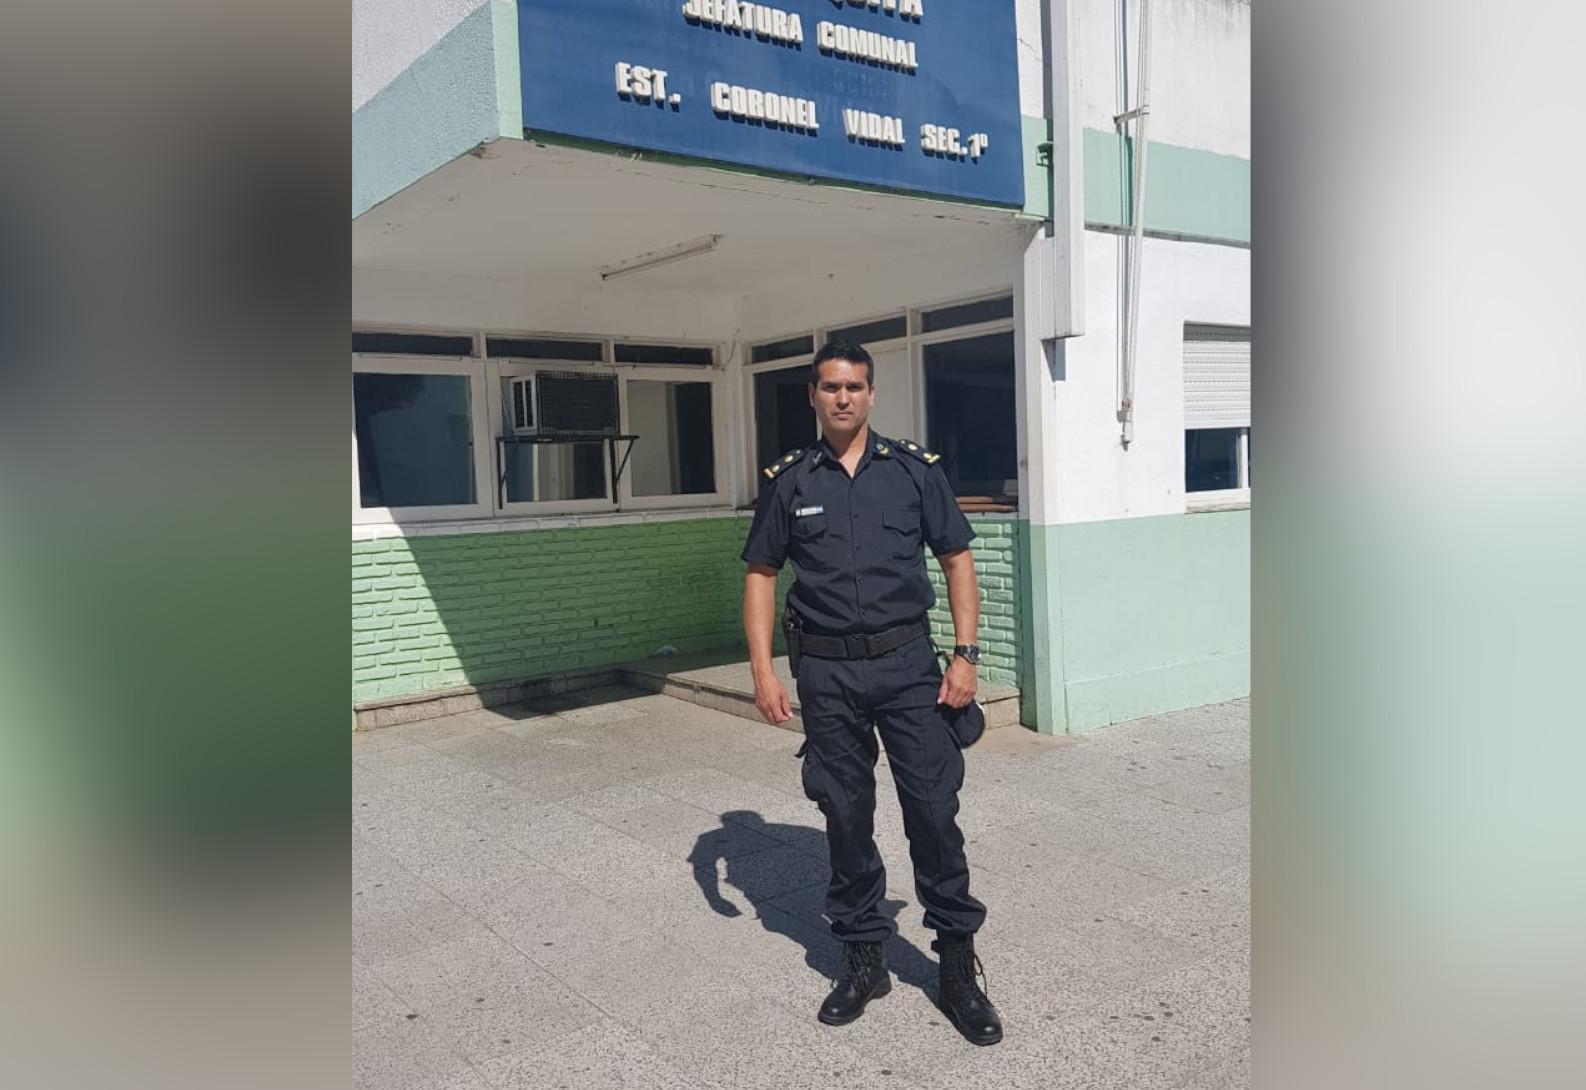 El Comisario Ariel Contrera fue designado como nuevo Jefe de Estación en la Comisaría 1ra de Coronel Vidal